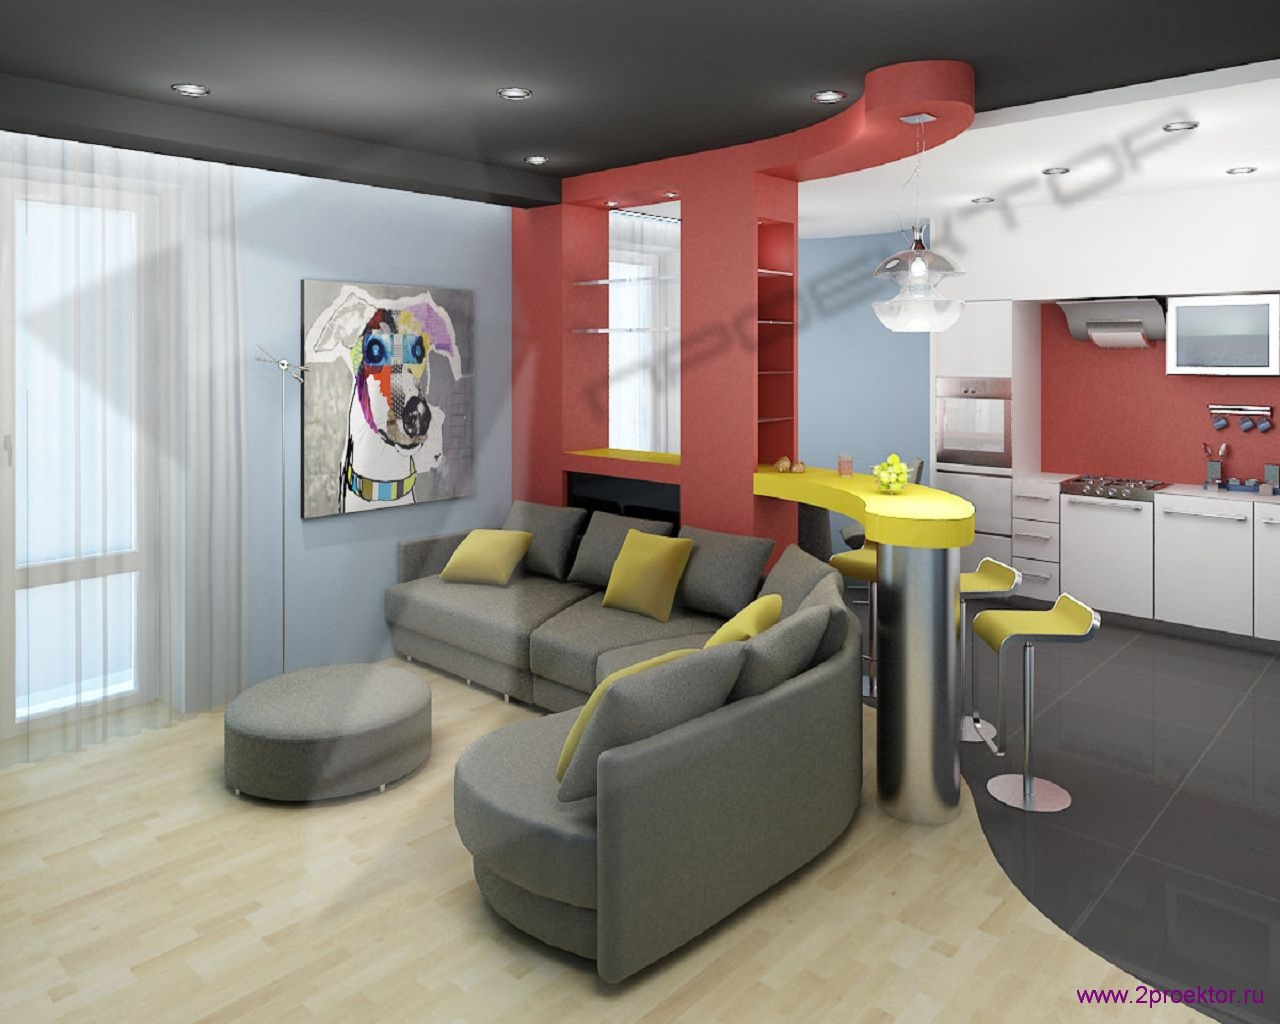 Яркий дизайн гостиной объединенной с кухней в Жилом комплексе Обыкновенное чудо.